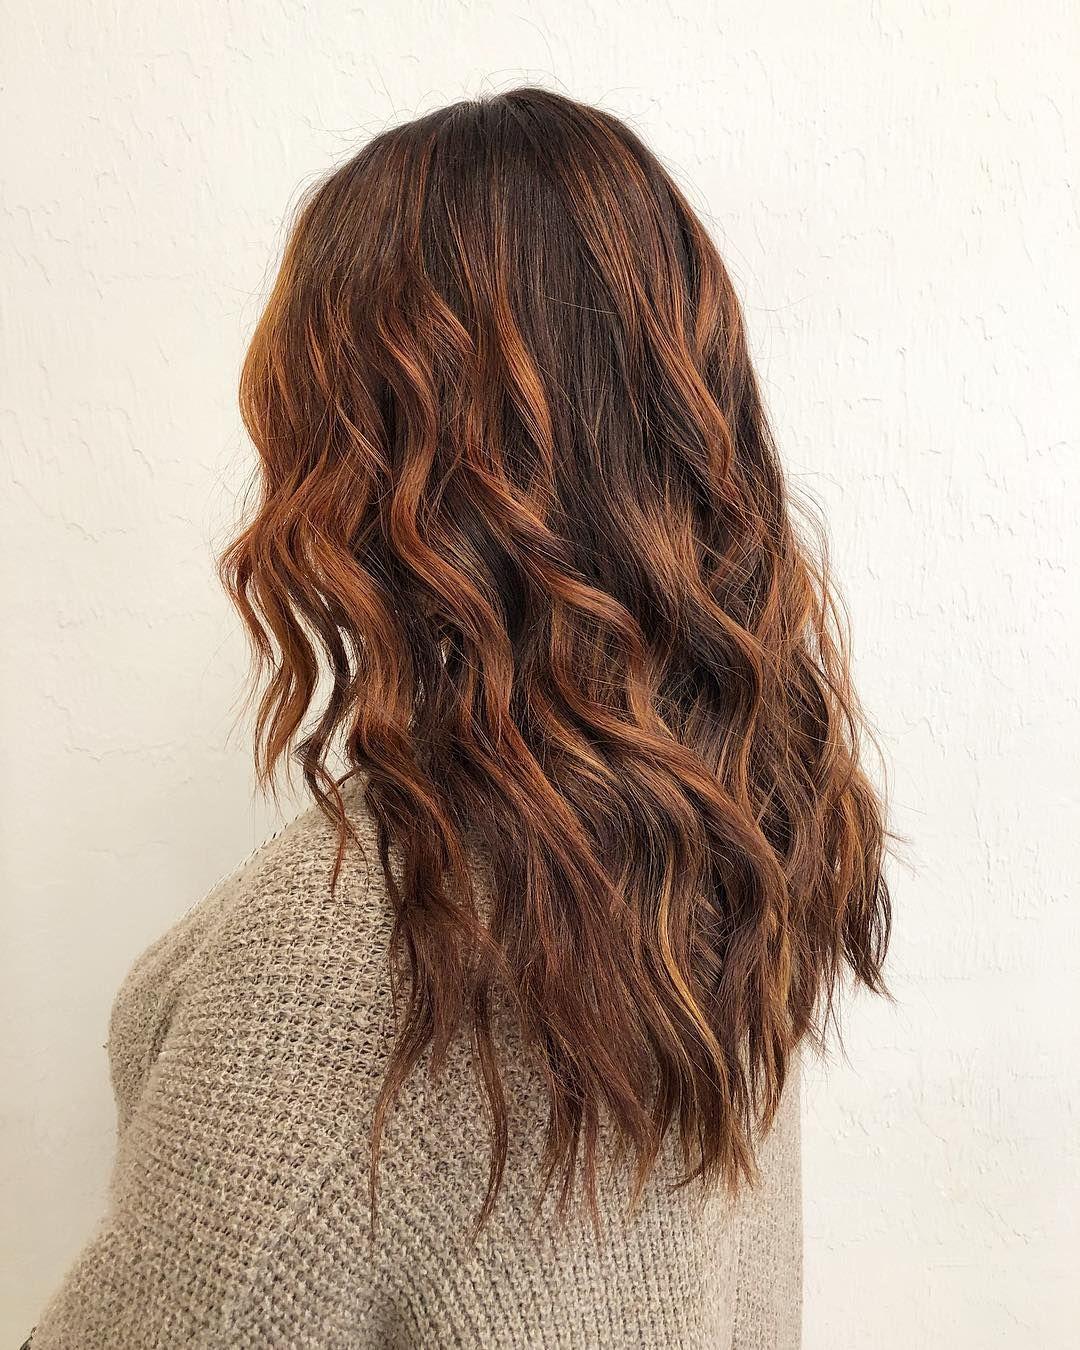 Pin On Hair By Rachelle O